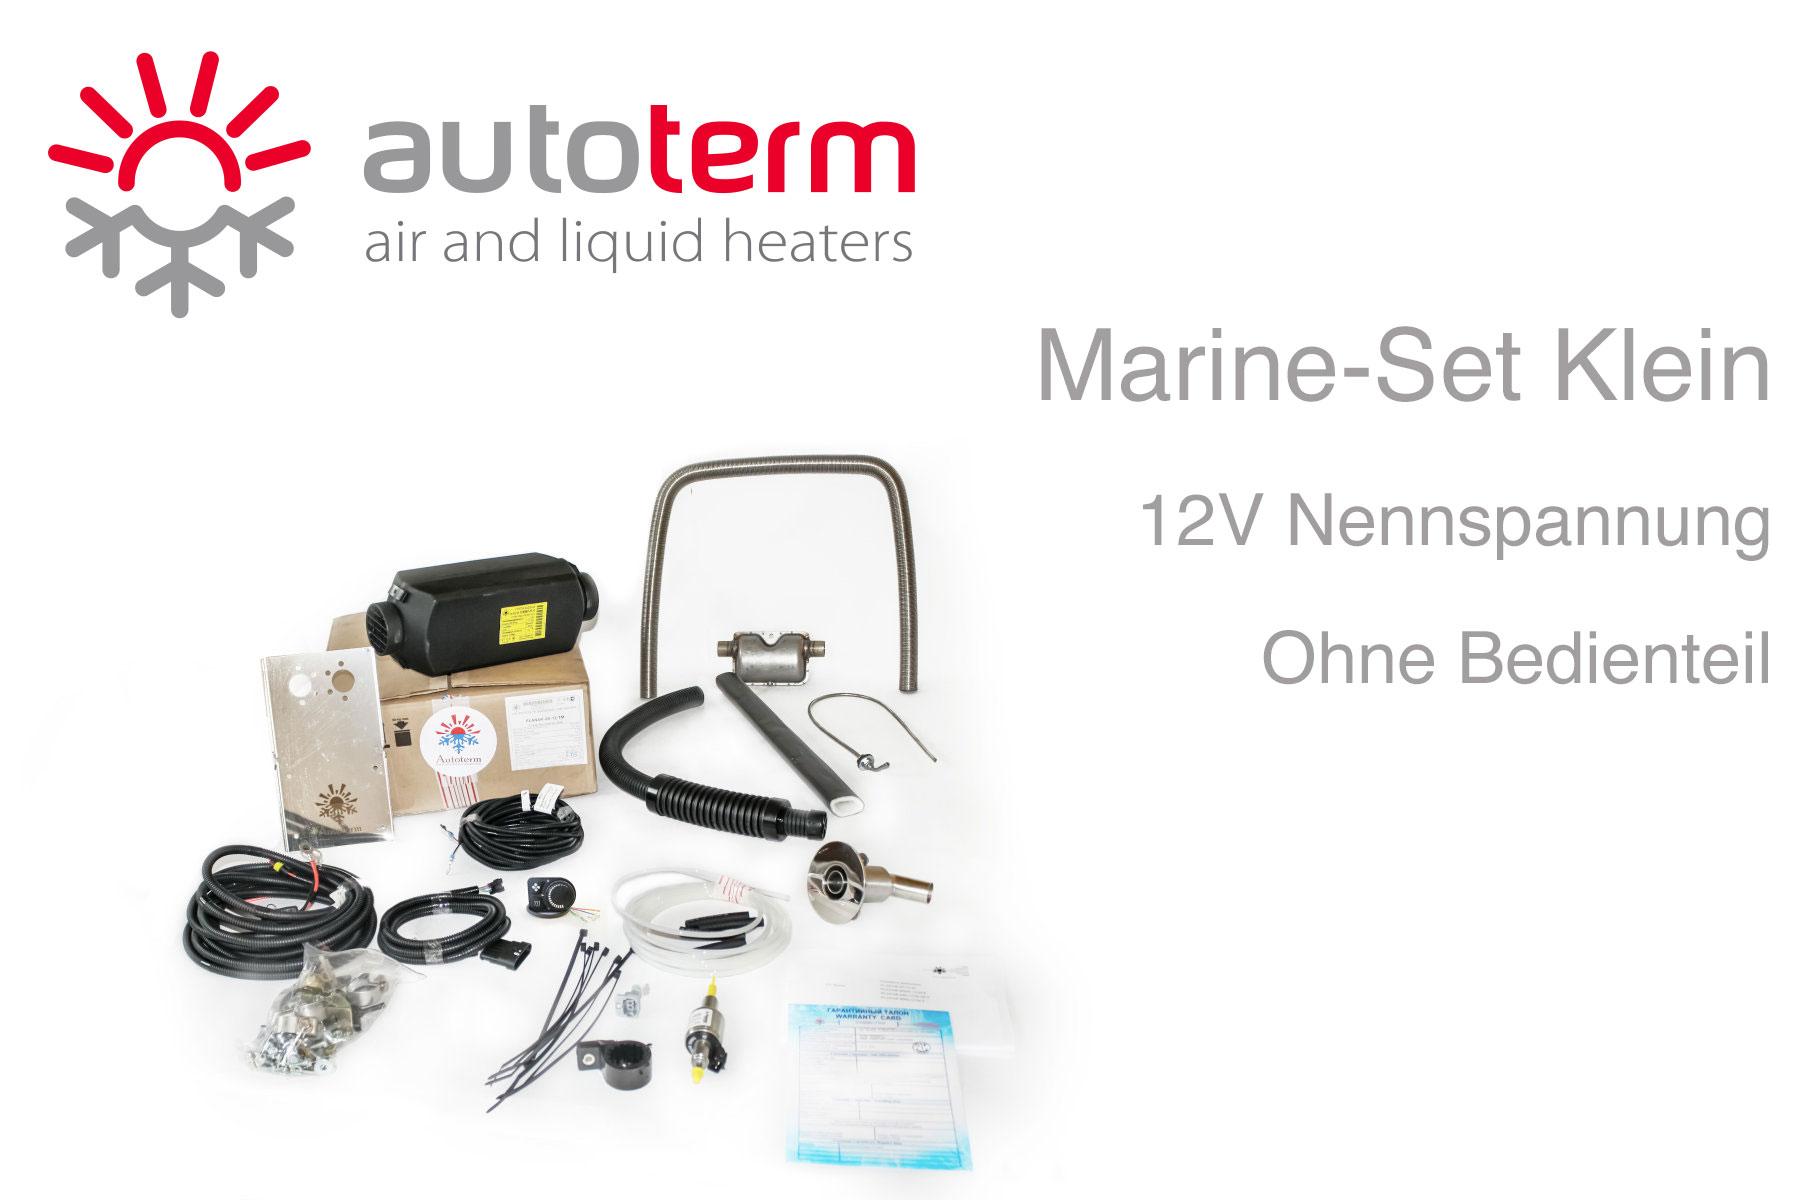 Autoterm Air 2D Diesel Warmluftheizung Marine Set klein, 12V, ohne Bedienteil